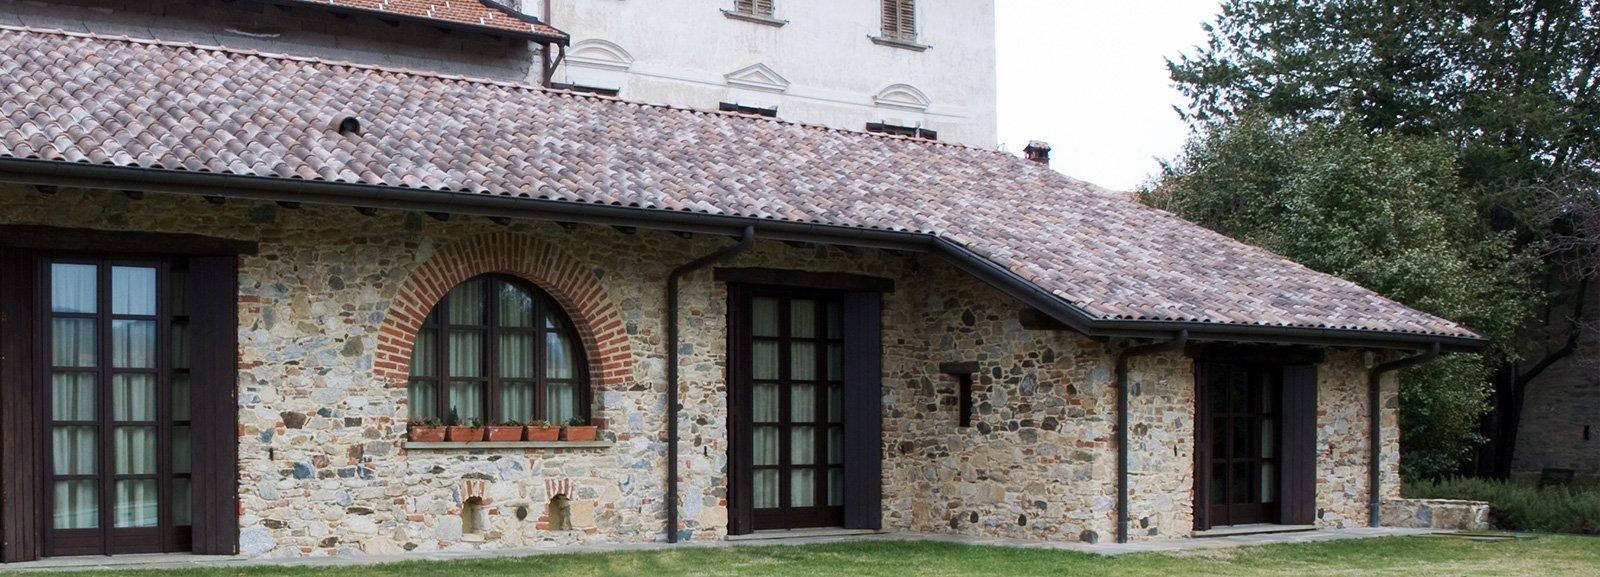 Un intervento di recupero dal tetto alle fondamenta cose di casa - Fondamenta casa ...